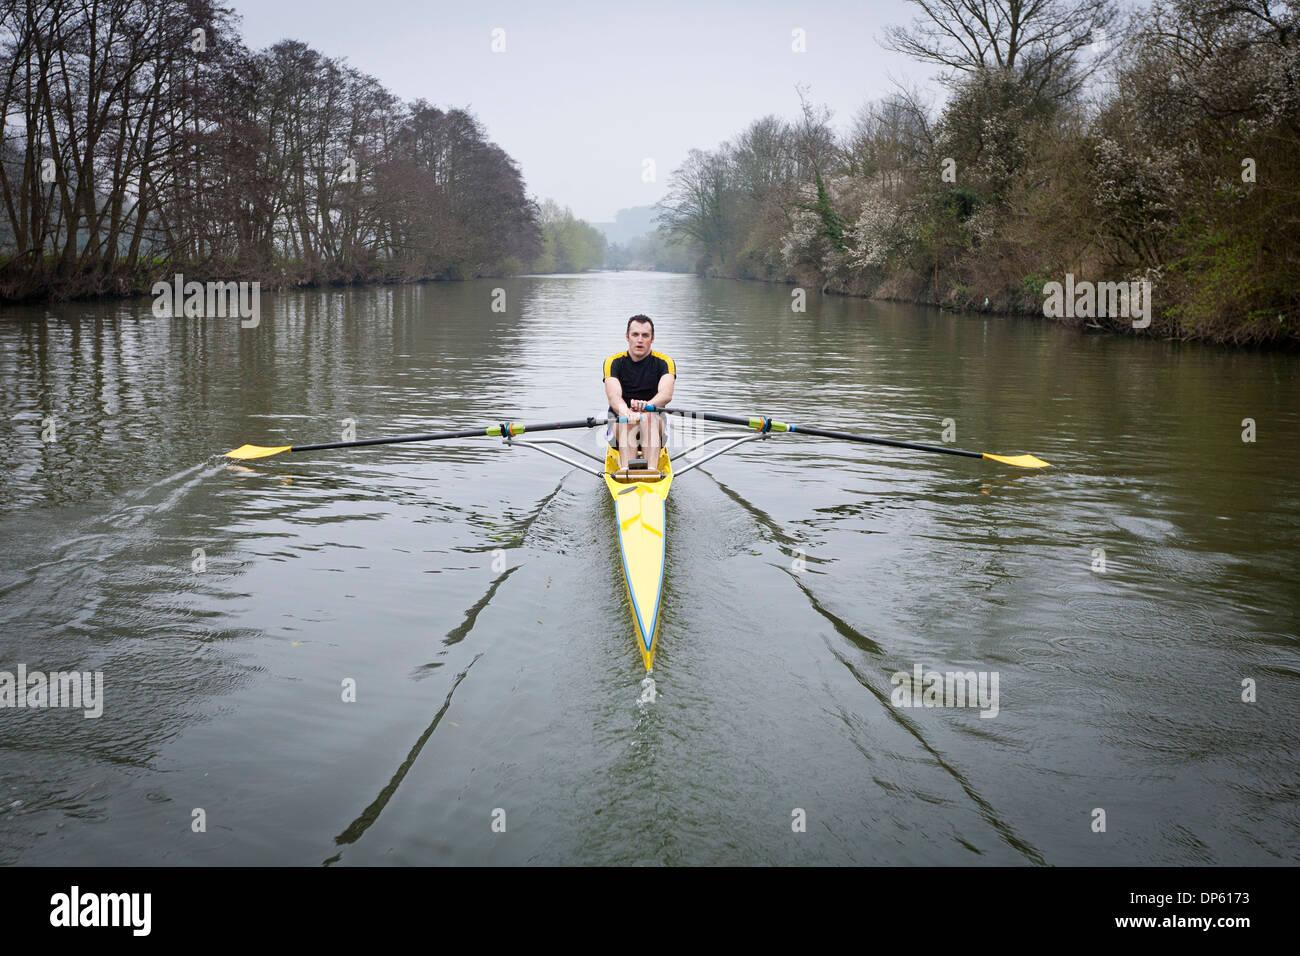 Un homme sur un bateau d'aviron skiff sur la rivière Avon à Bath, Royaume-Uni. Photo Stock